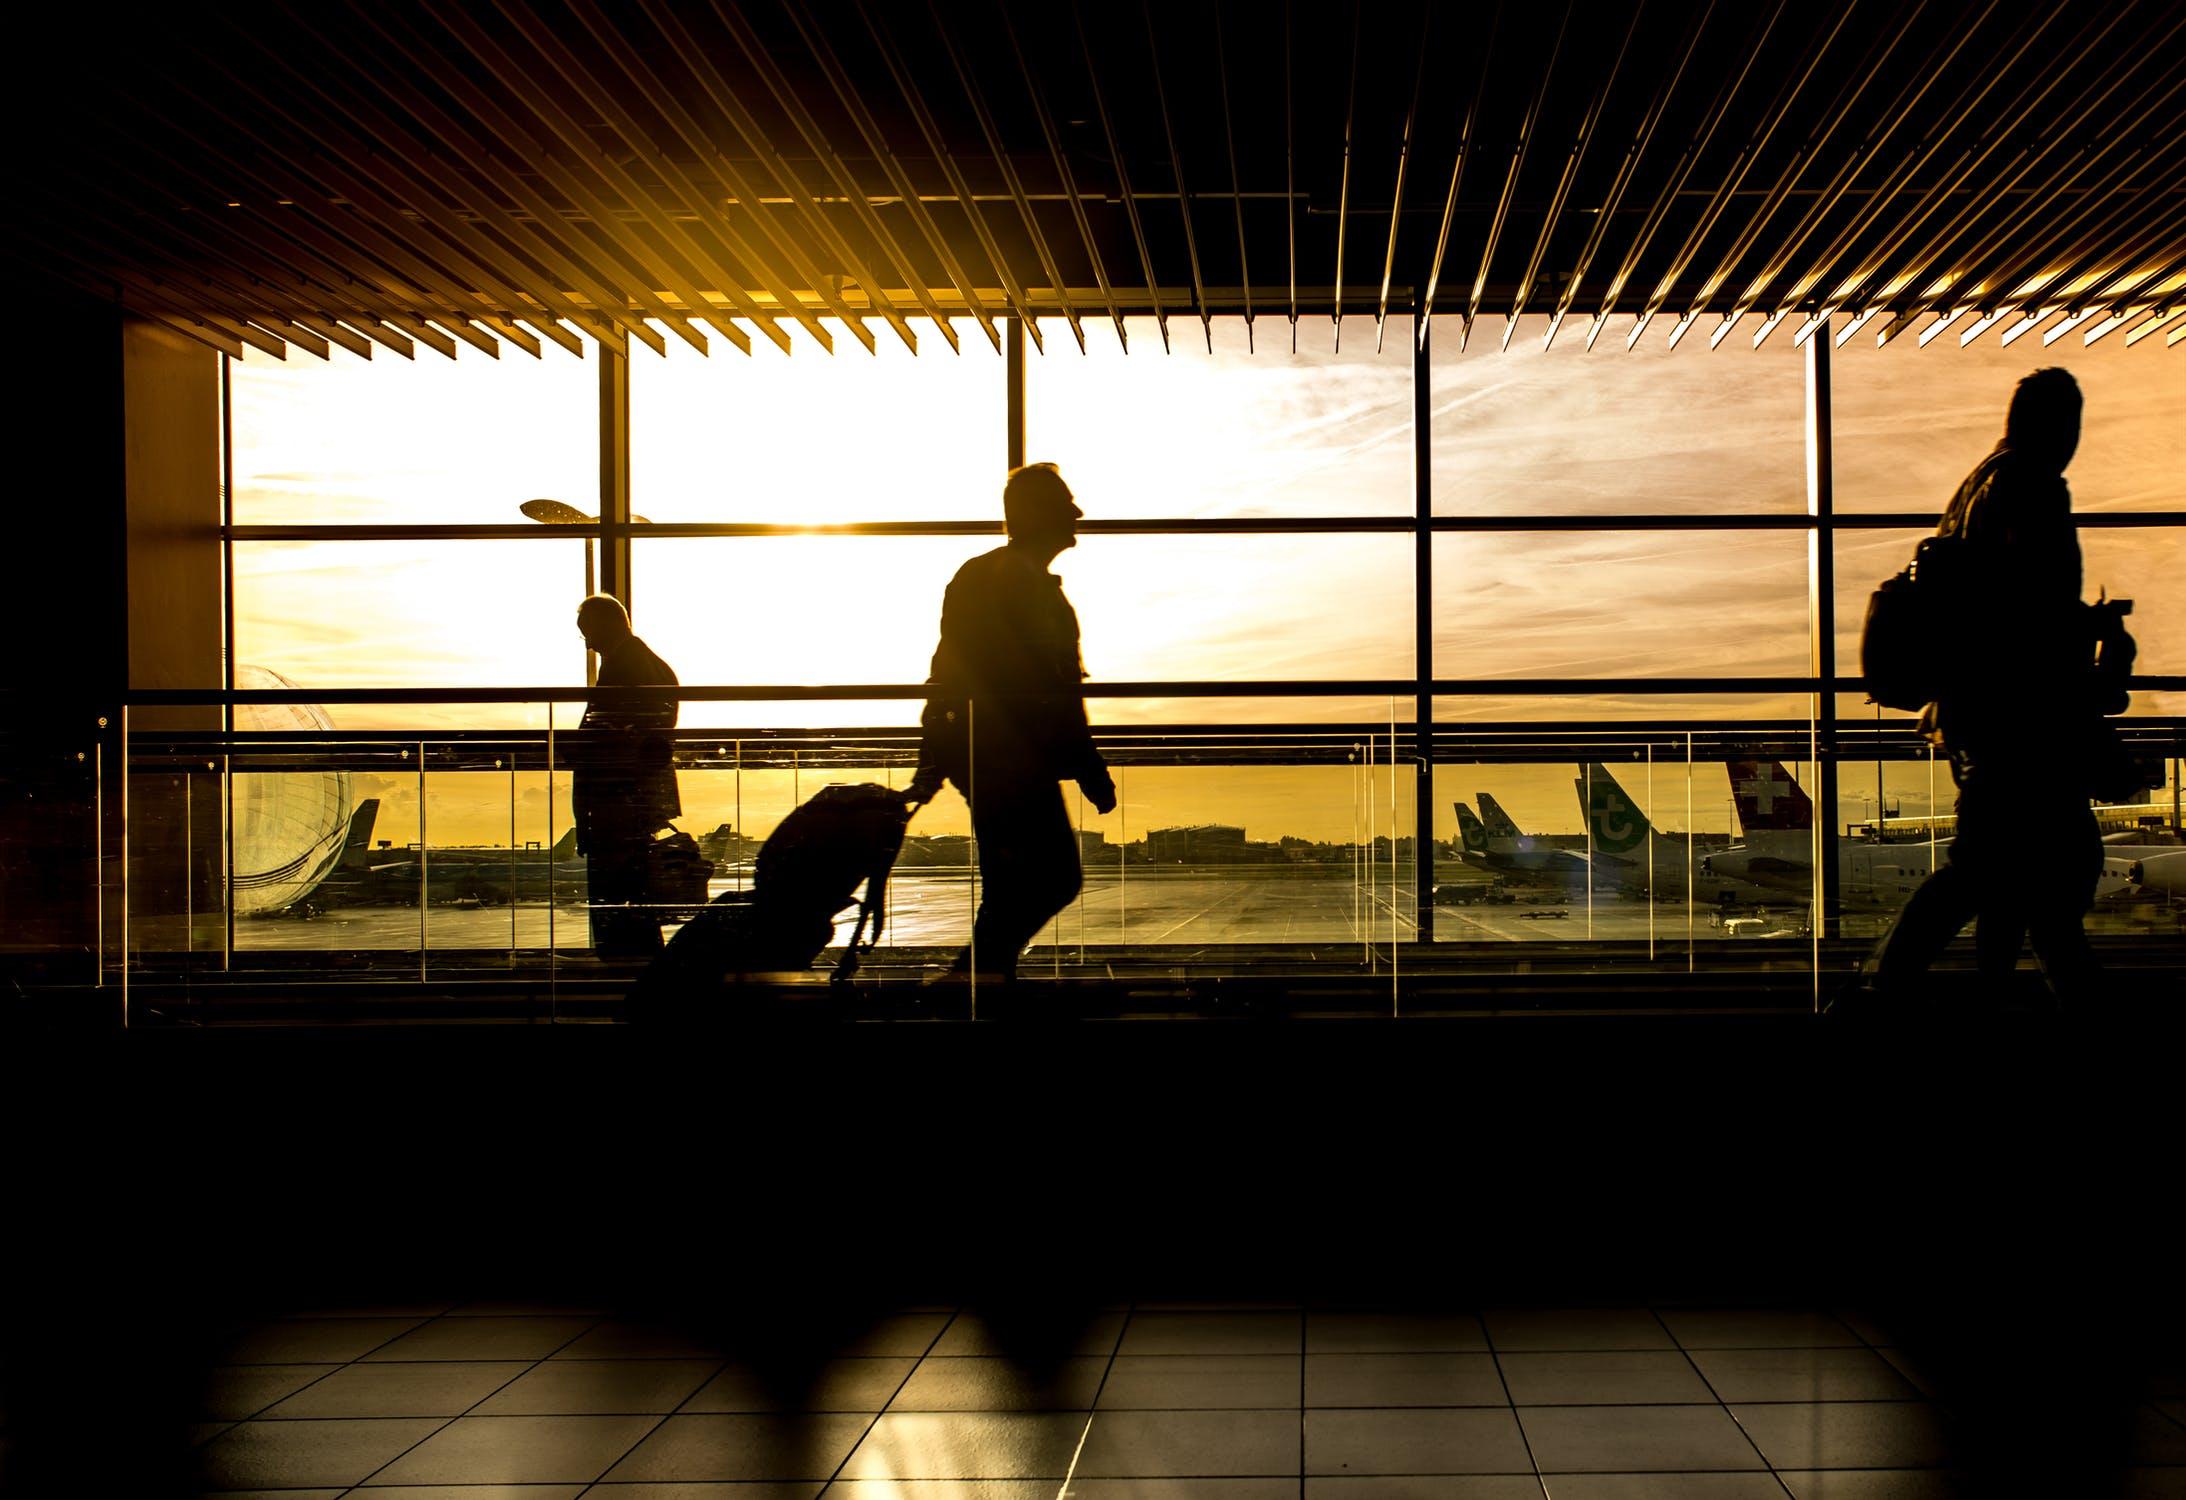 Extravio de bagagem pela companhia aérea: é cabível dano moral?  bortolotto e advogados associados assessoria jurídica chapecó